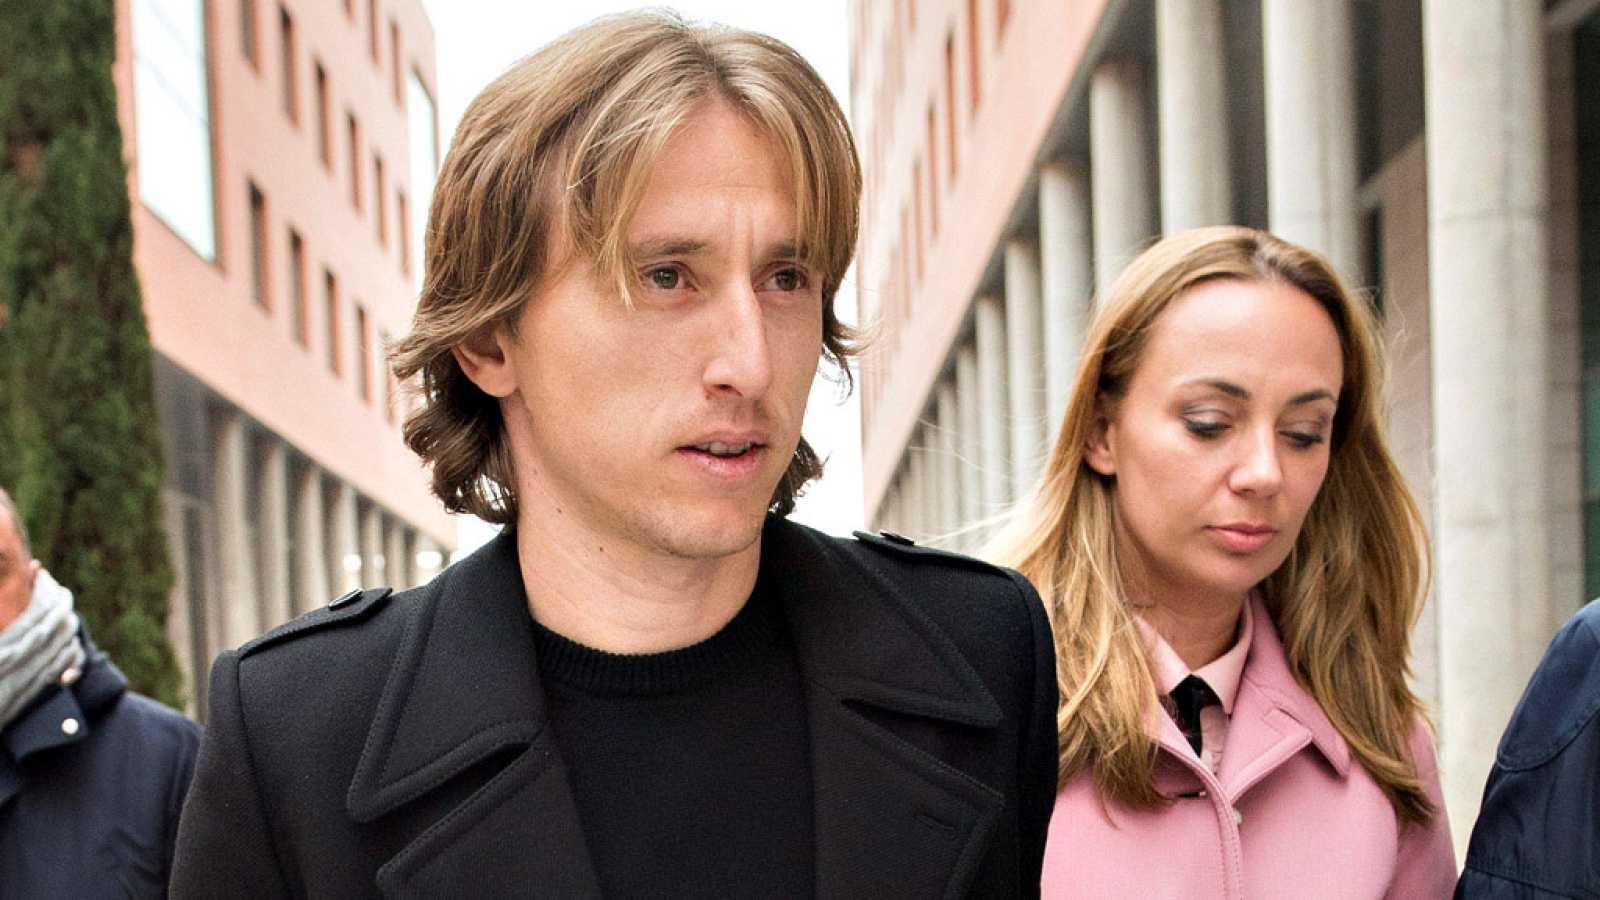 Luka Modric, centrocampista croata de Real Madrid, declaró hoy como investigado en los juzgados de Alcobendas (Madrid) por los supuestos delitos fiscales de que le acusa la Agencia Tributaria.